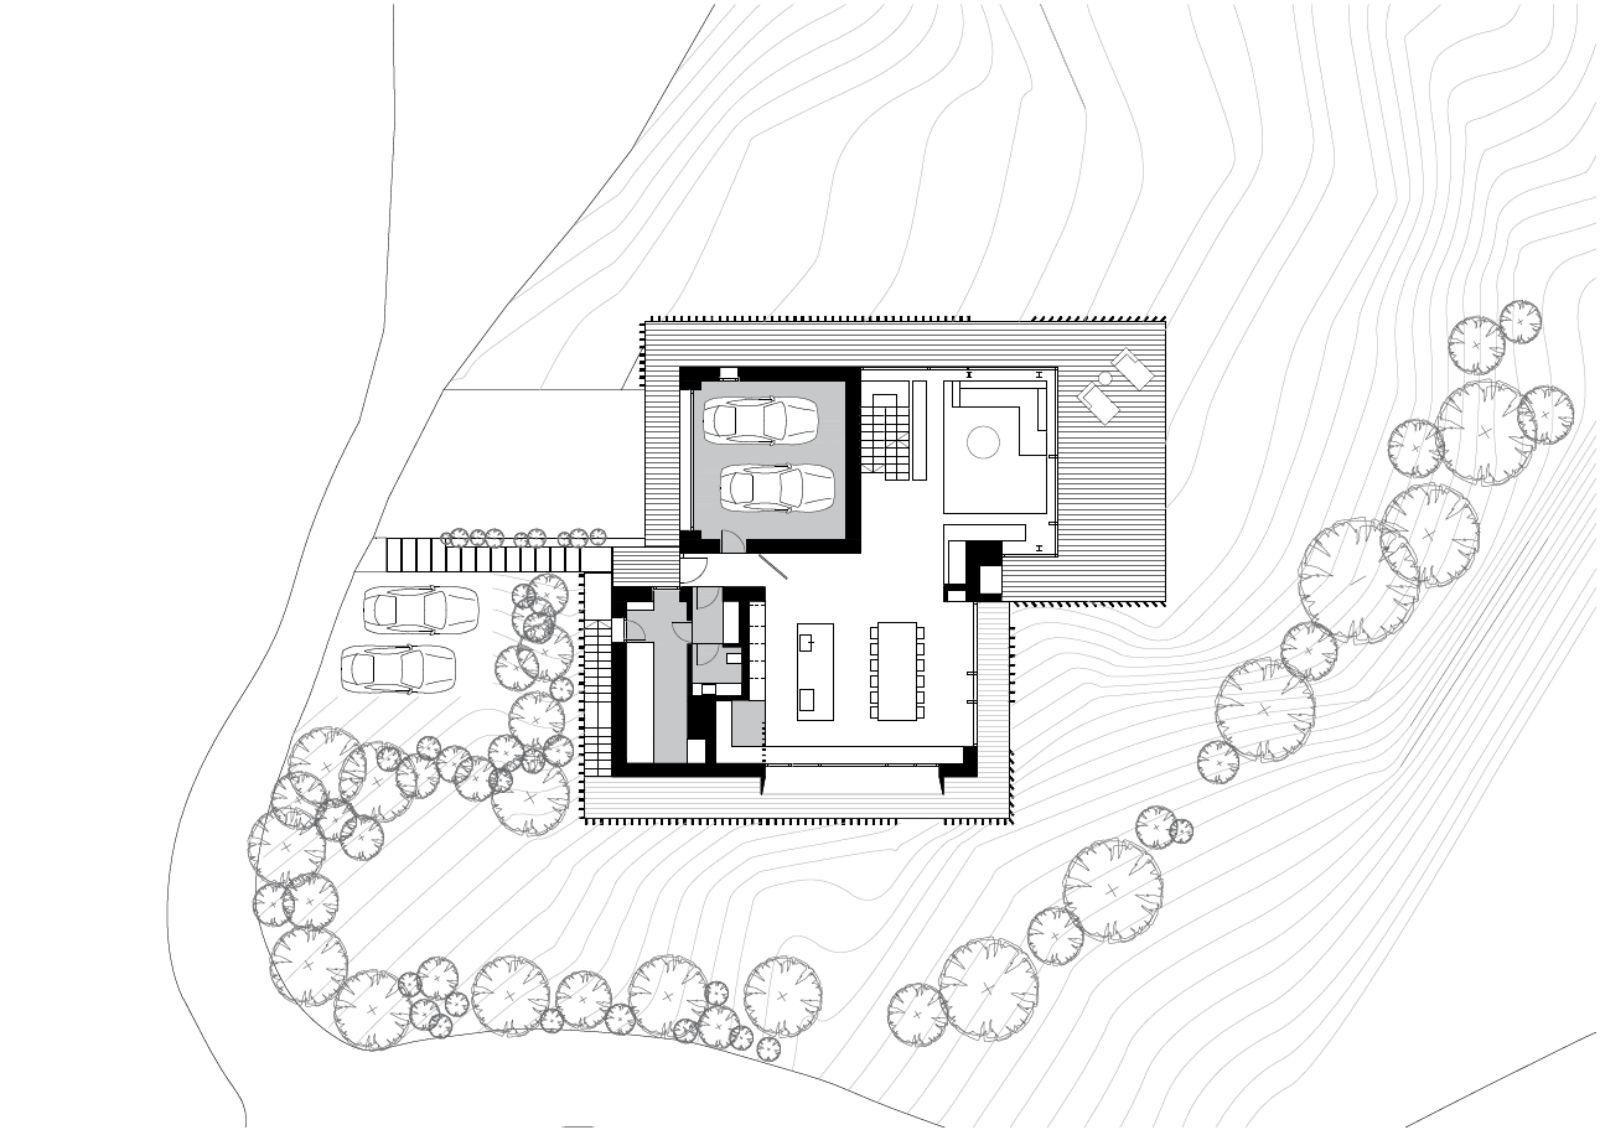 Z-House-by-GEZA-20 – aasarchitecture on floating dock plans, vardo camper plans, new house design plans, biltmore estate elevation plans,